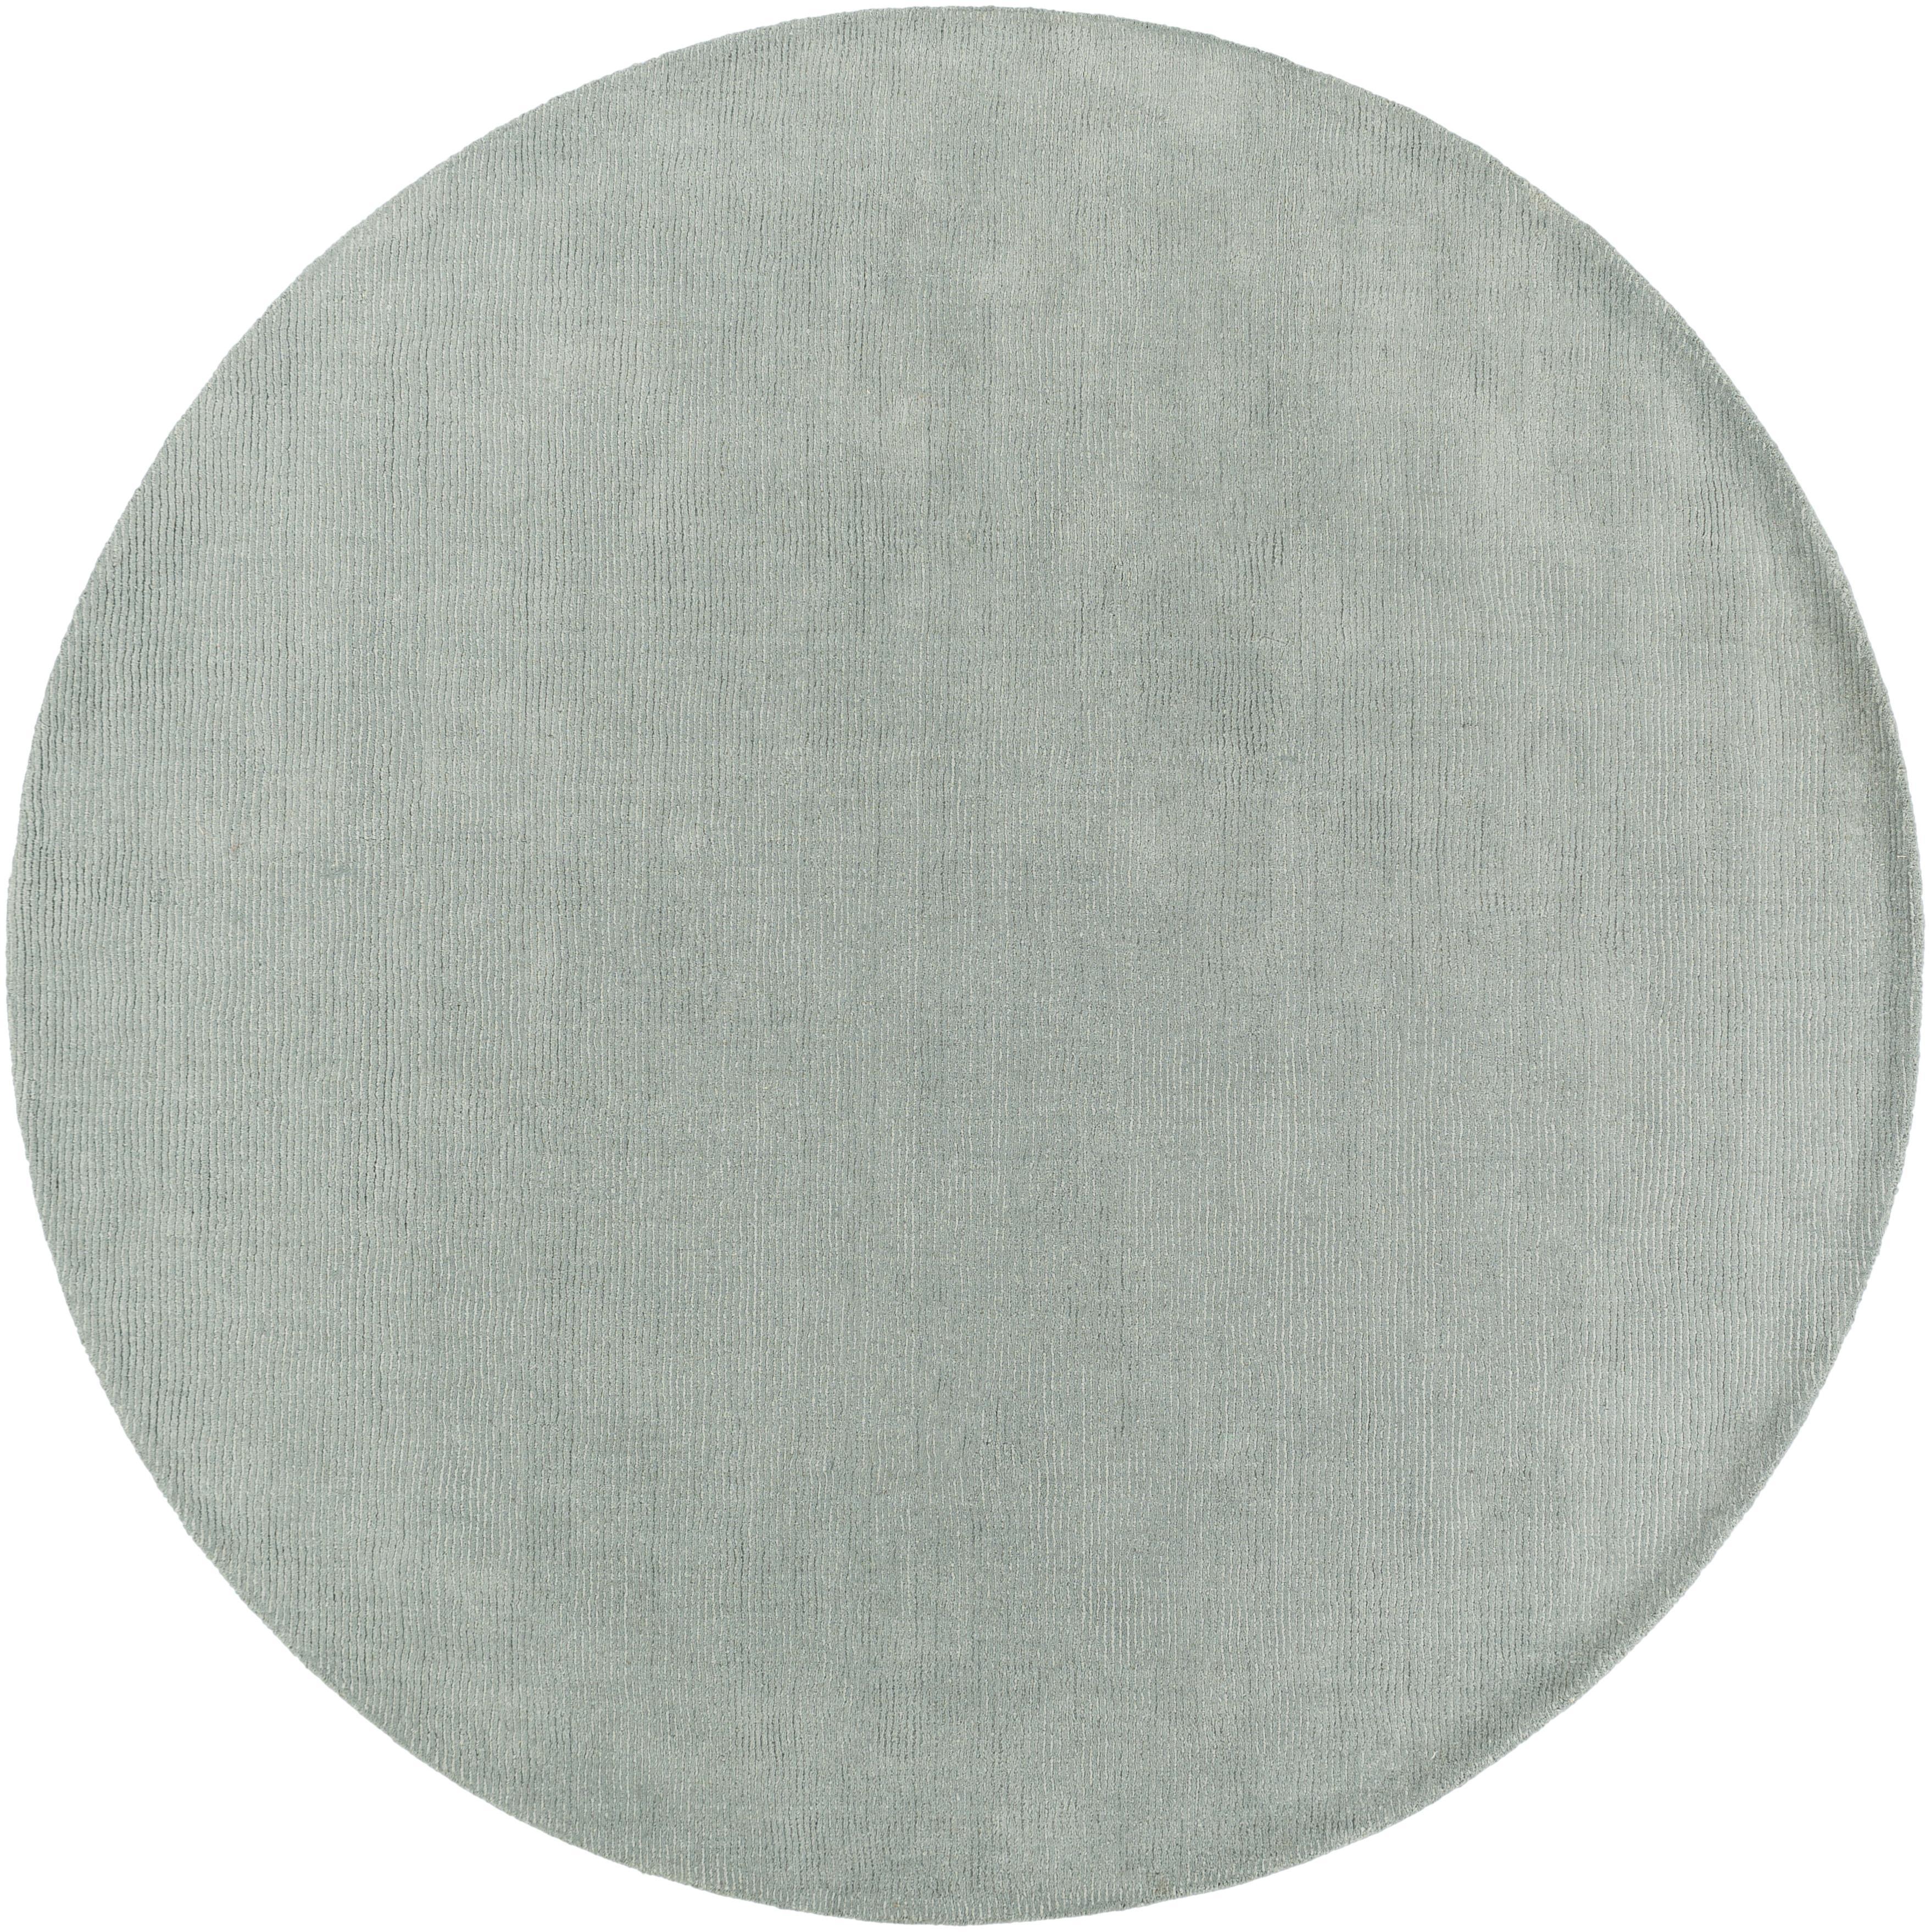 Surya Mystique 8' Round - Item Number: M5328-8RD